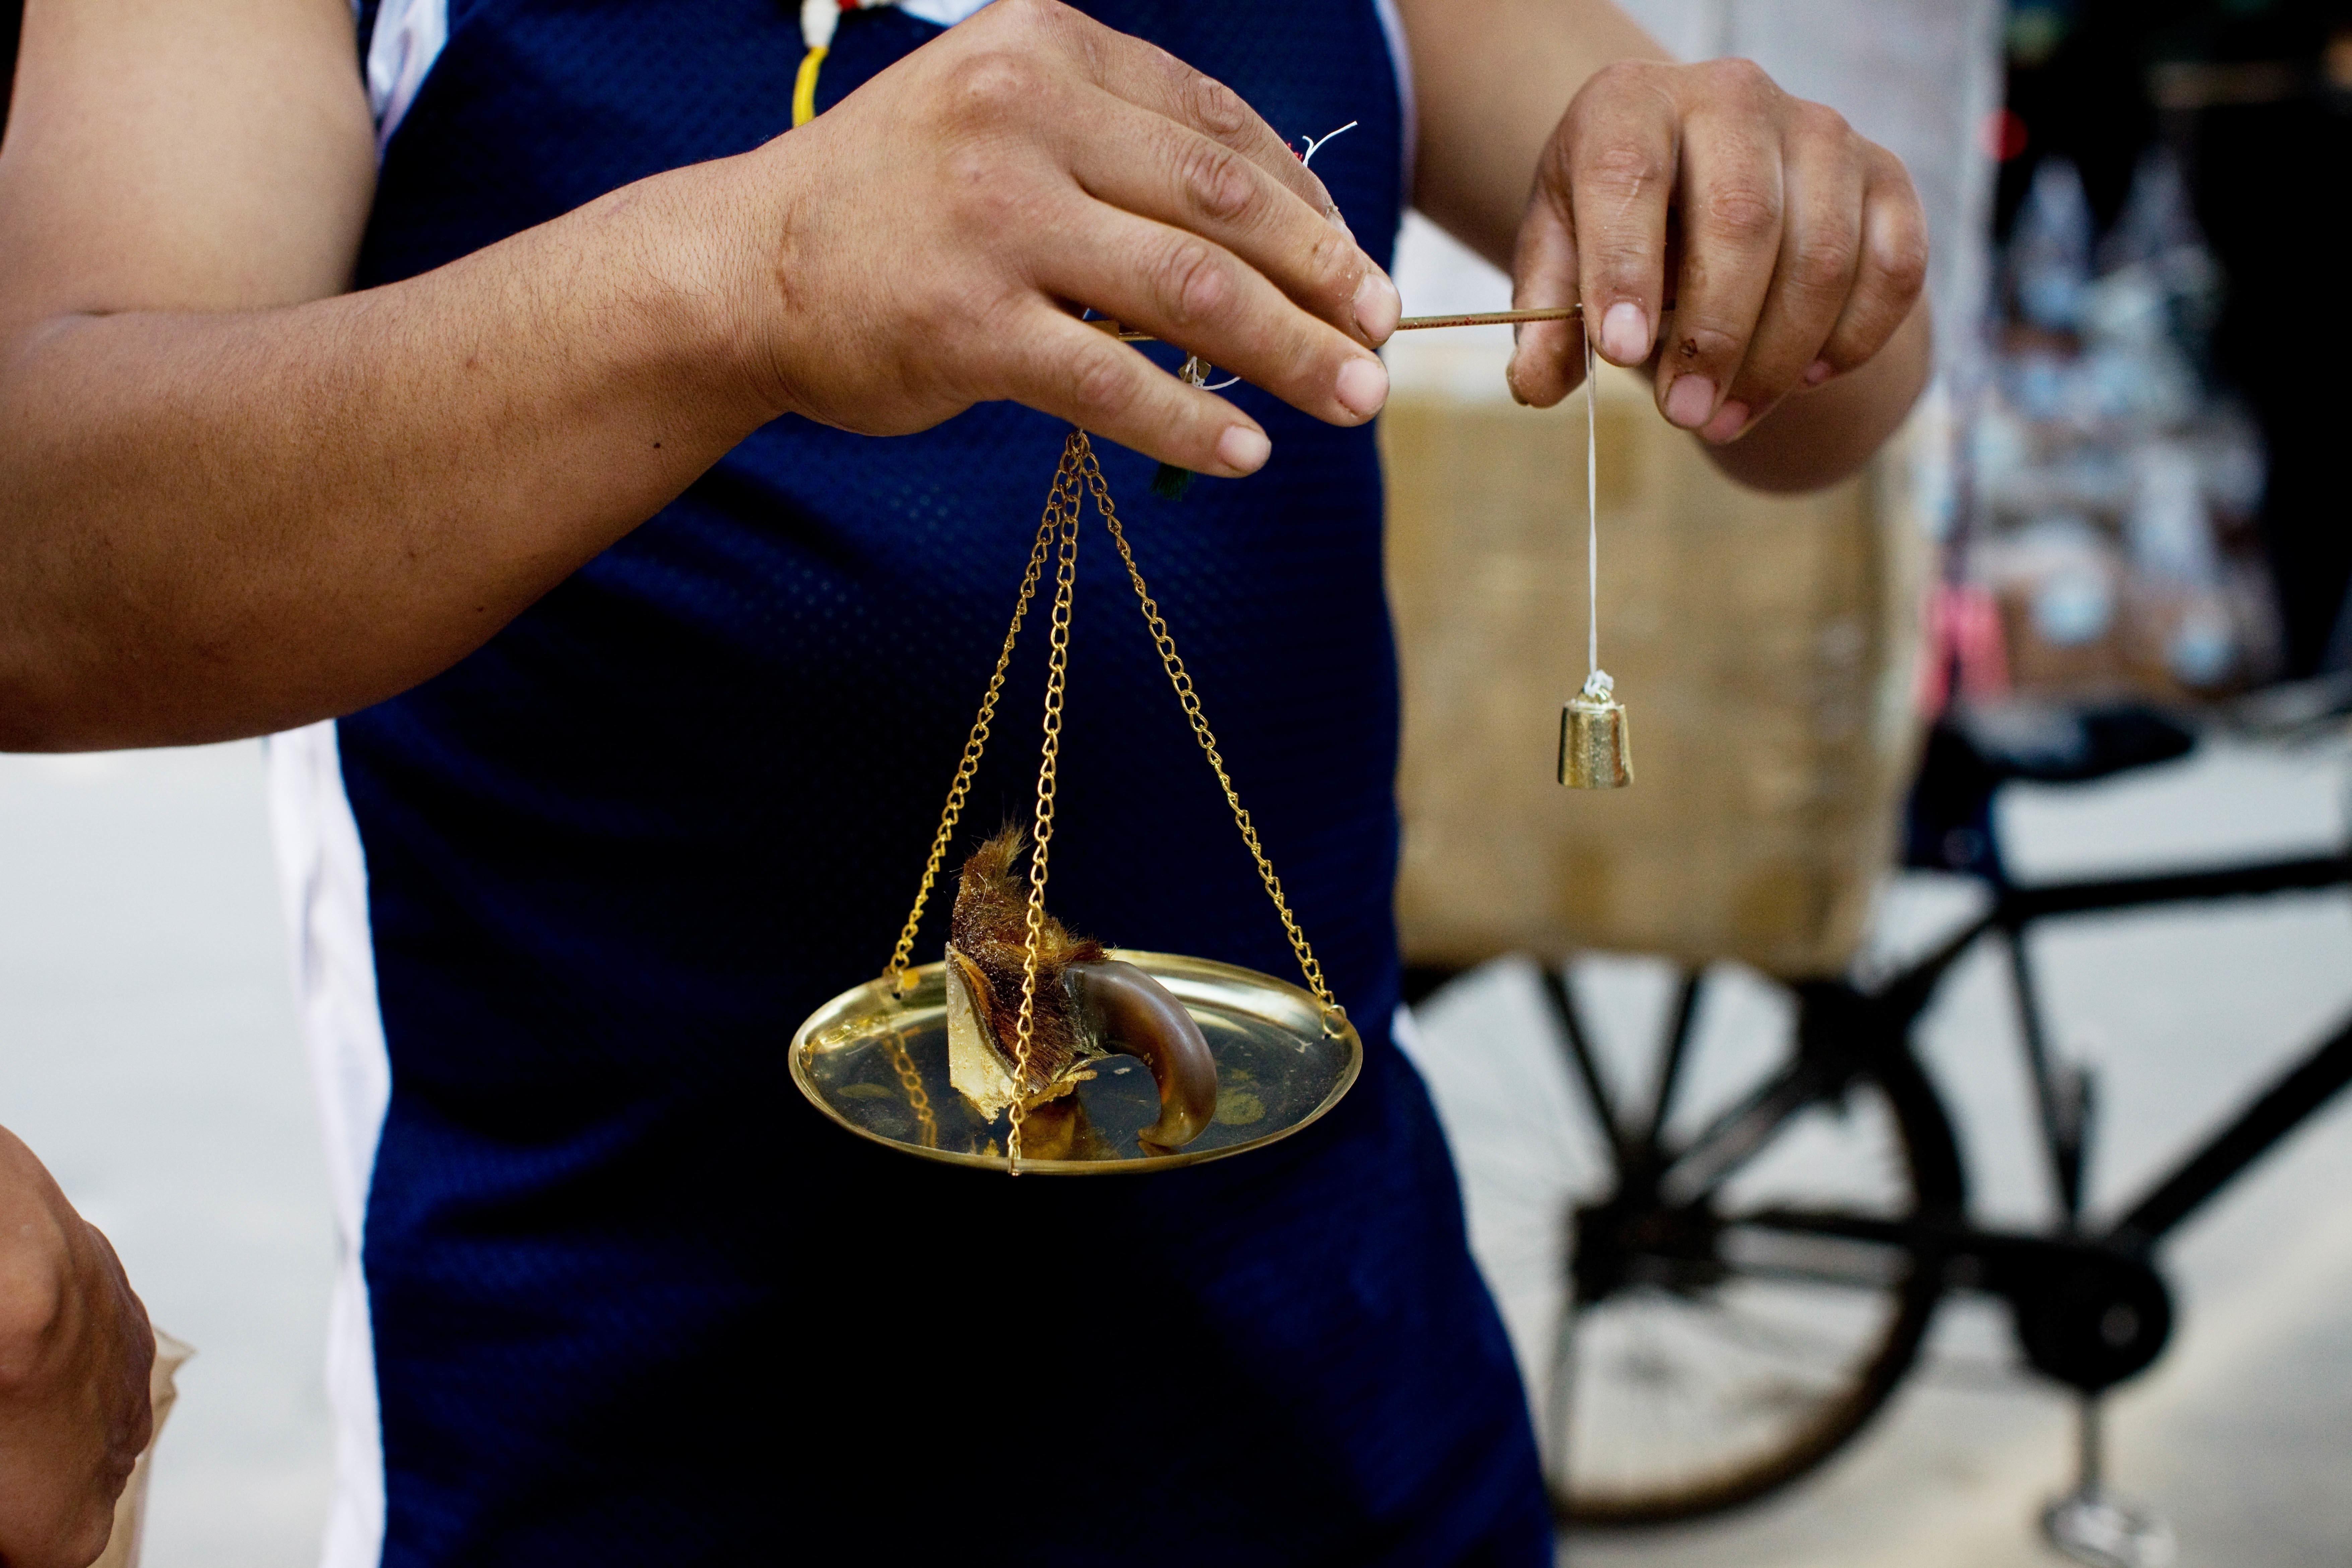 广州市清平中药材市场,一位商人正在出售虎爪,售价高达上千美元。 /CFP